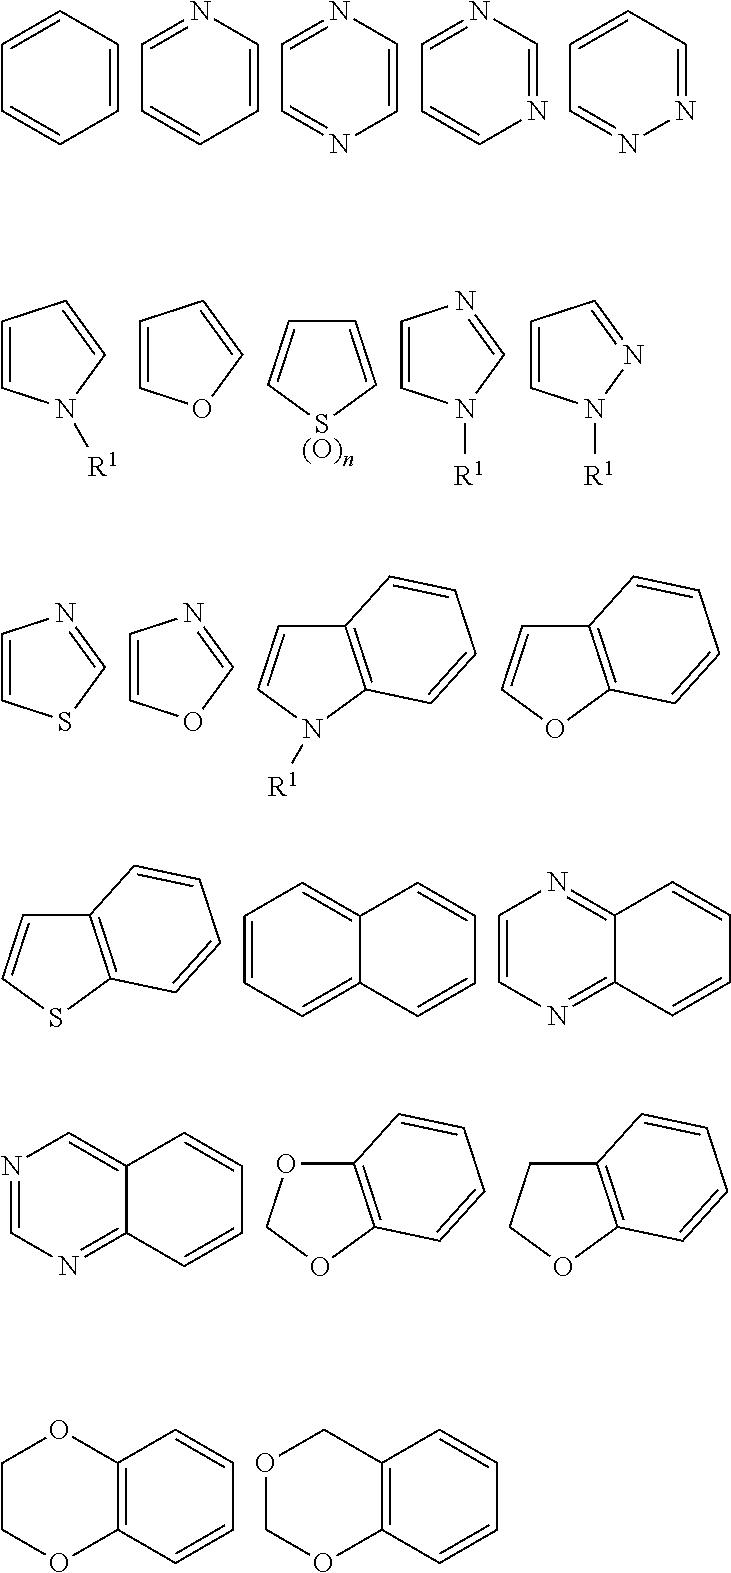 Figure US20110053905A1-20110303-C00017